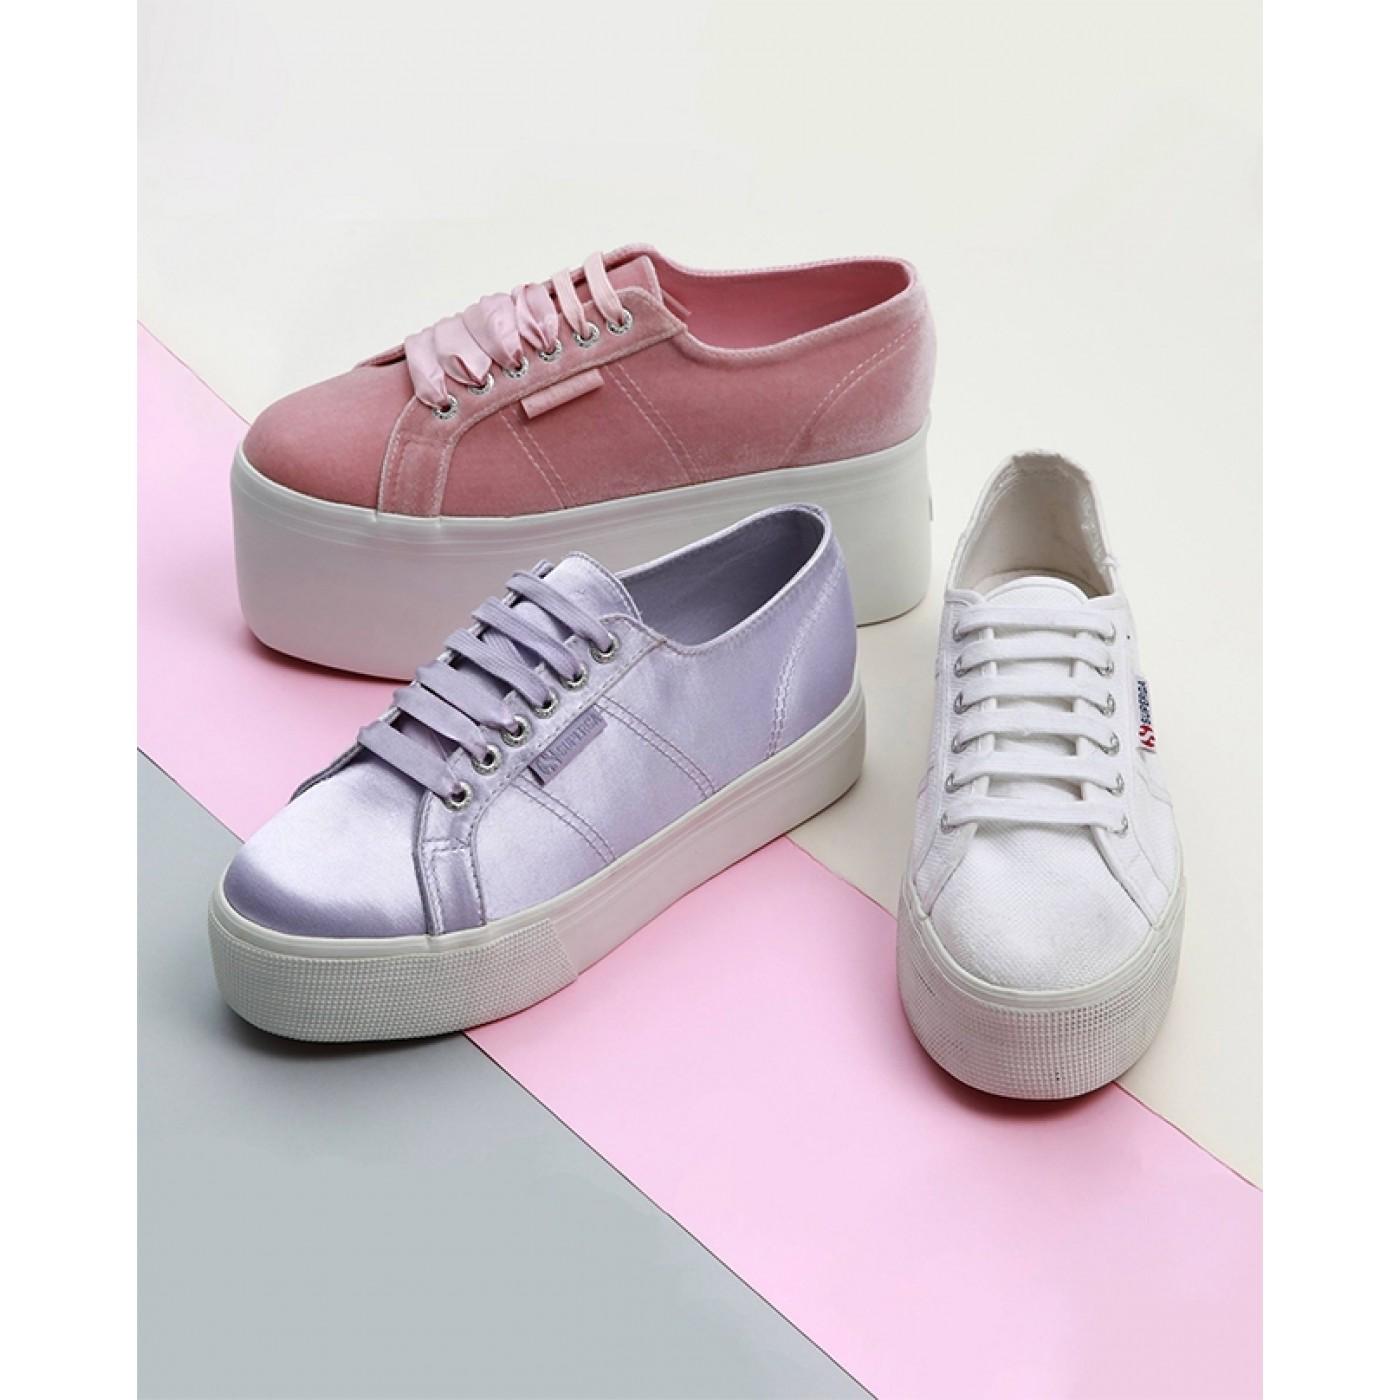 aspetto dettagliato 1b339 aed97 Superga X The Blonde Salad, le nuove scarpe by Chiara ...